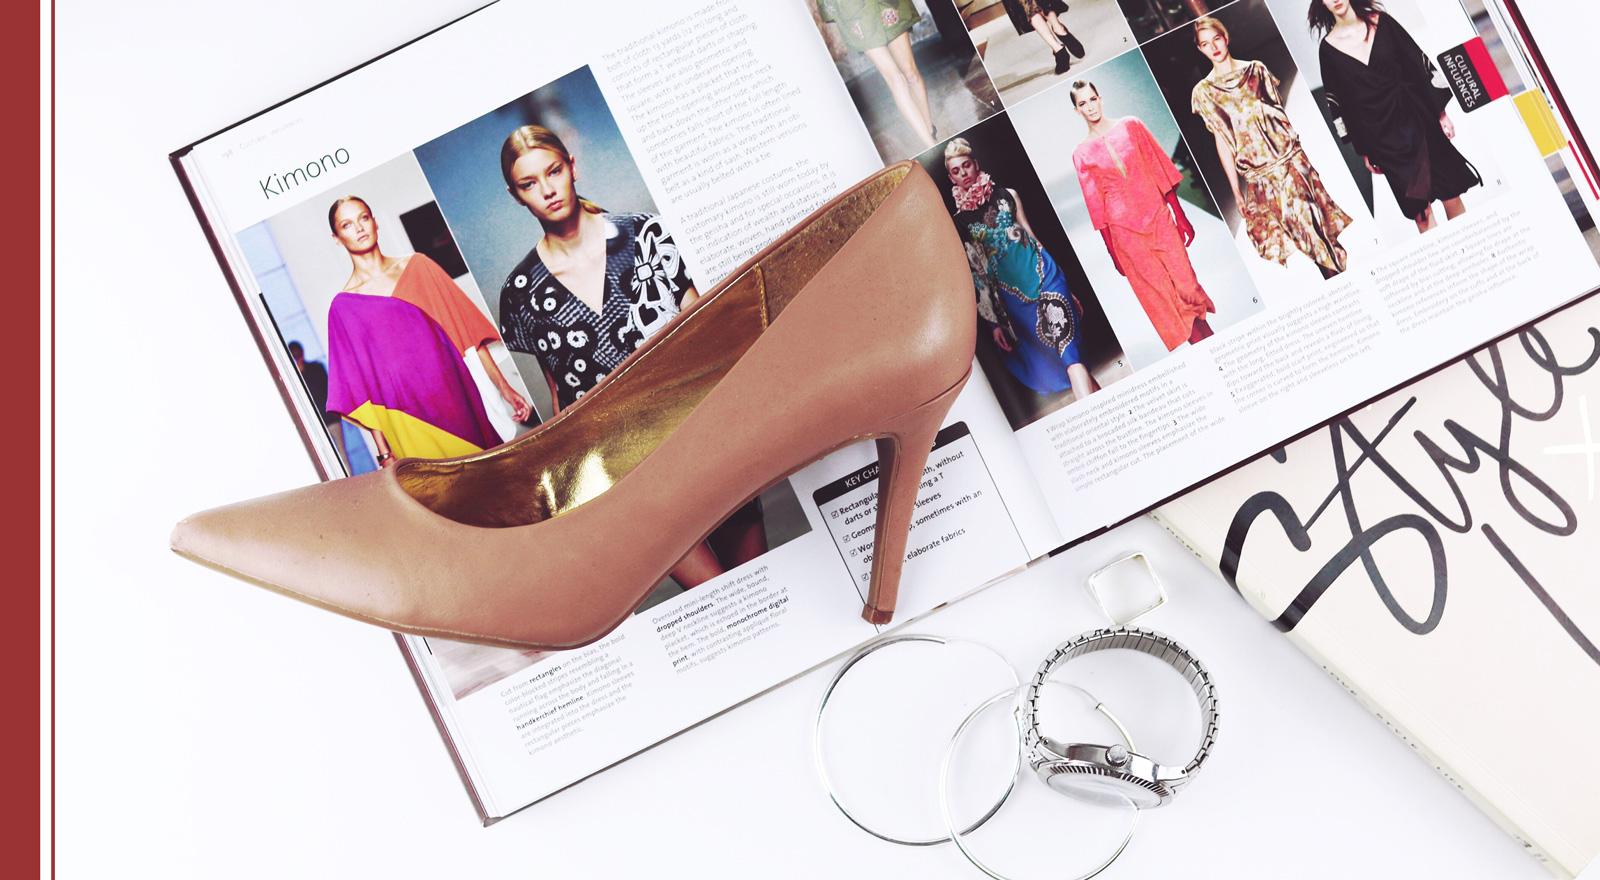 moda-textil Perfiles más demandados en el sector de la moda